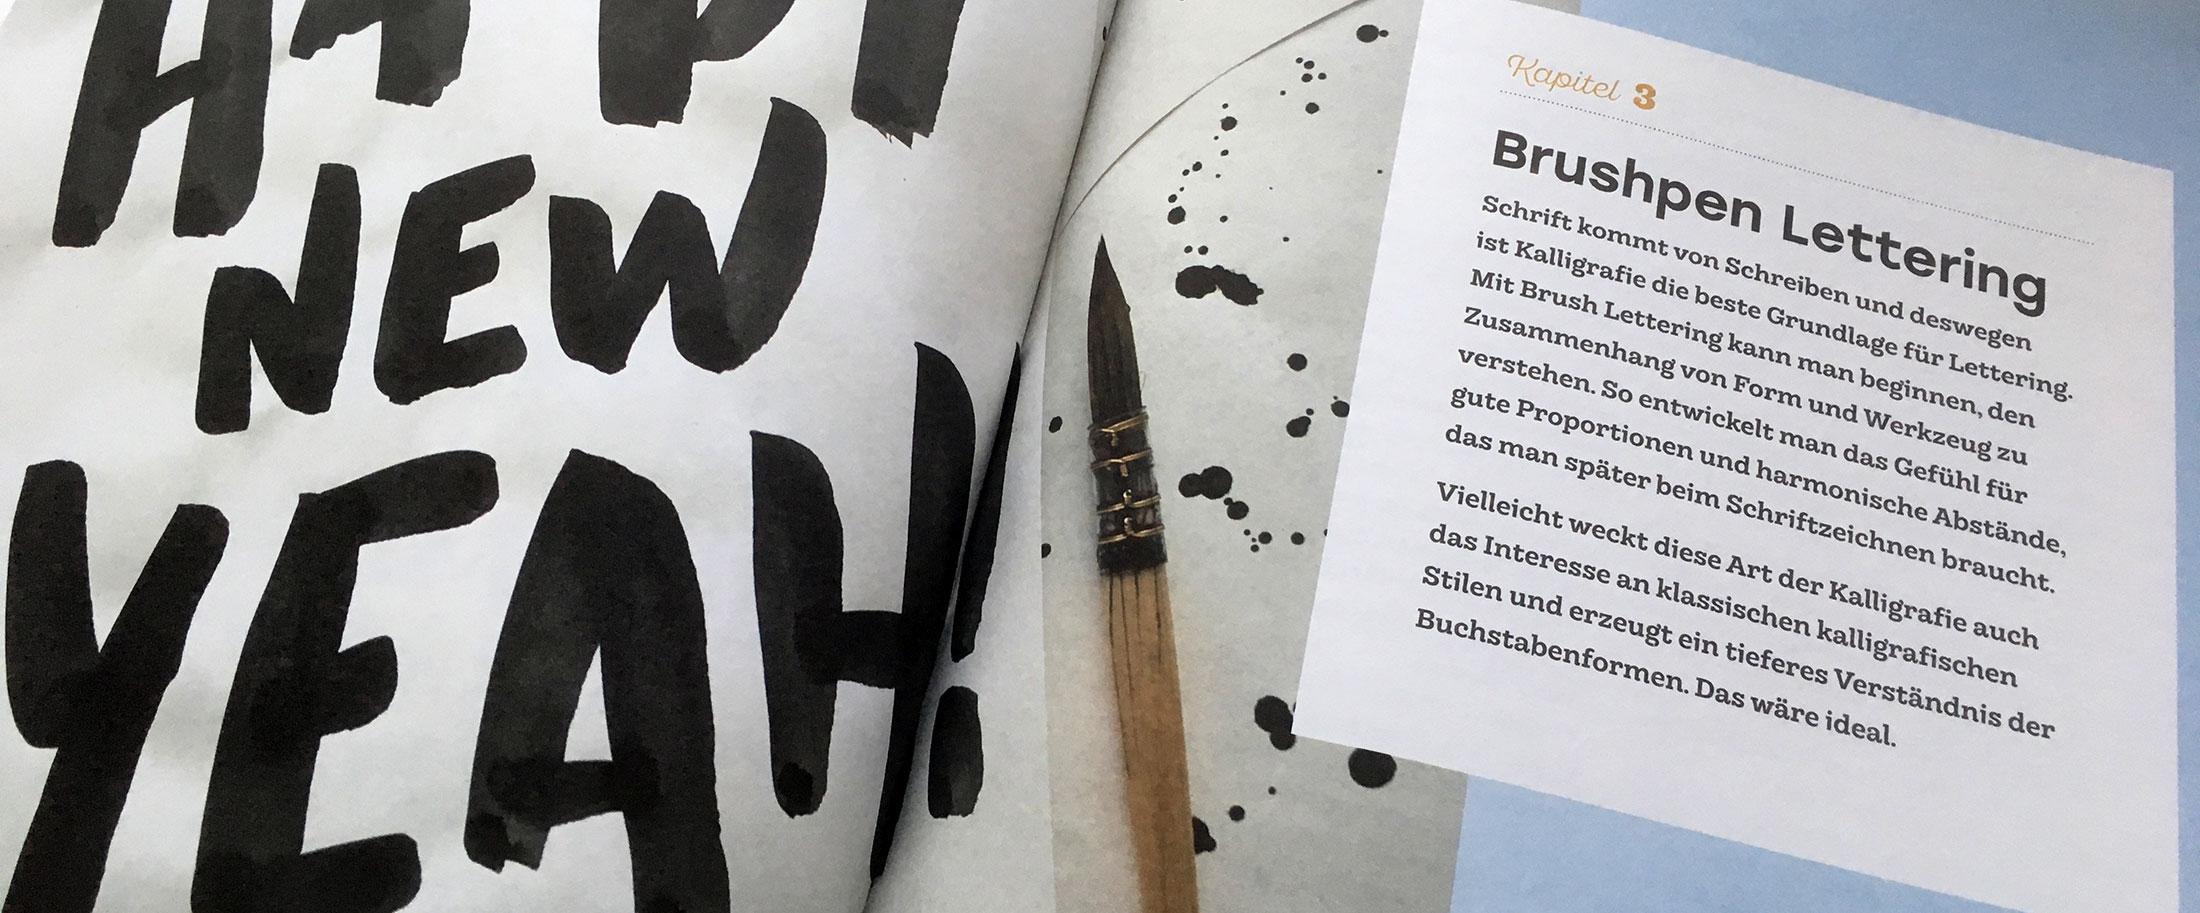 Buchvorstellung Handbuch Handlettering Vermischtes Typografieinfo